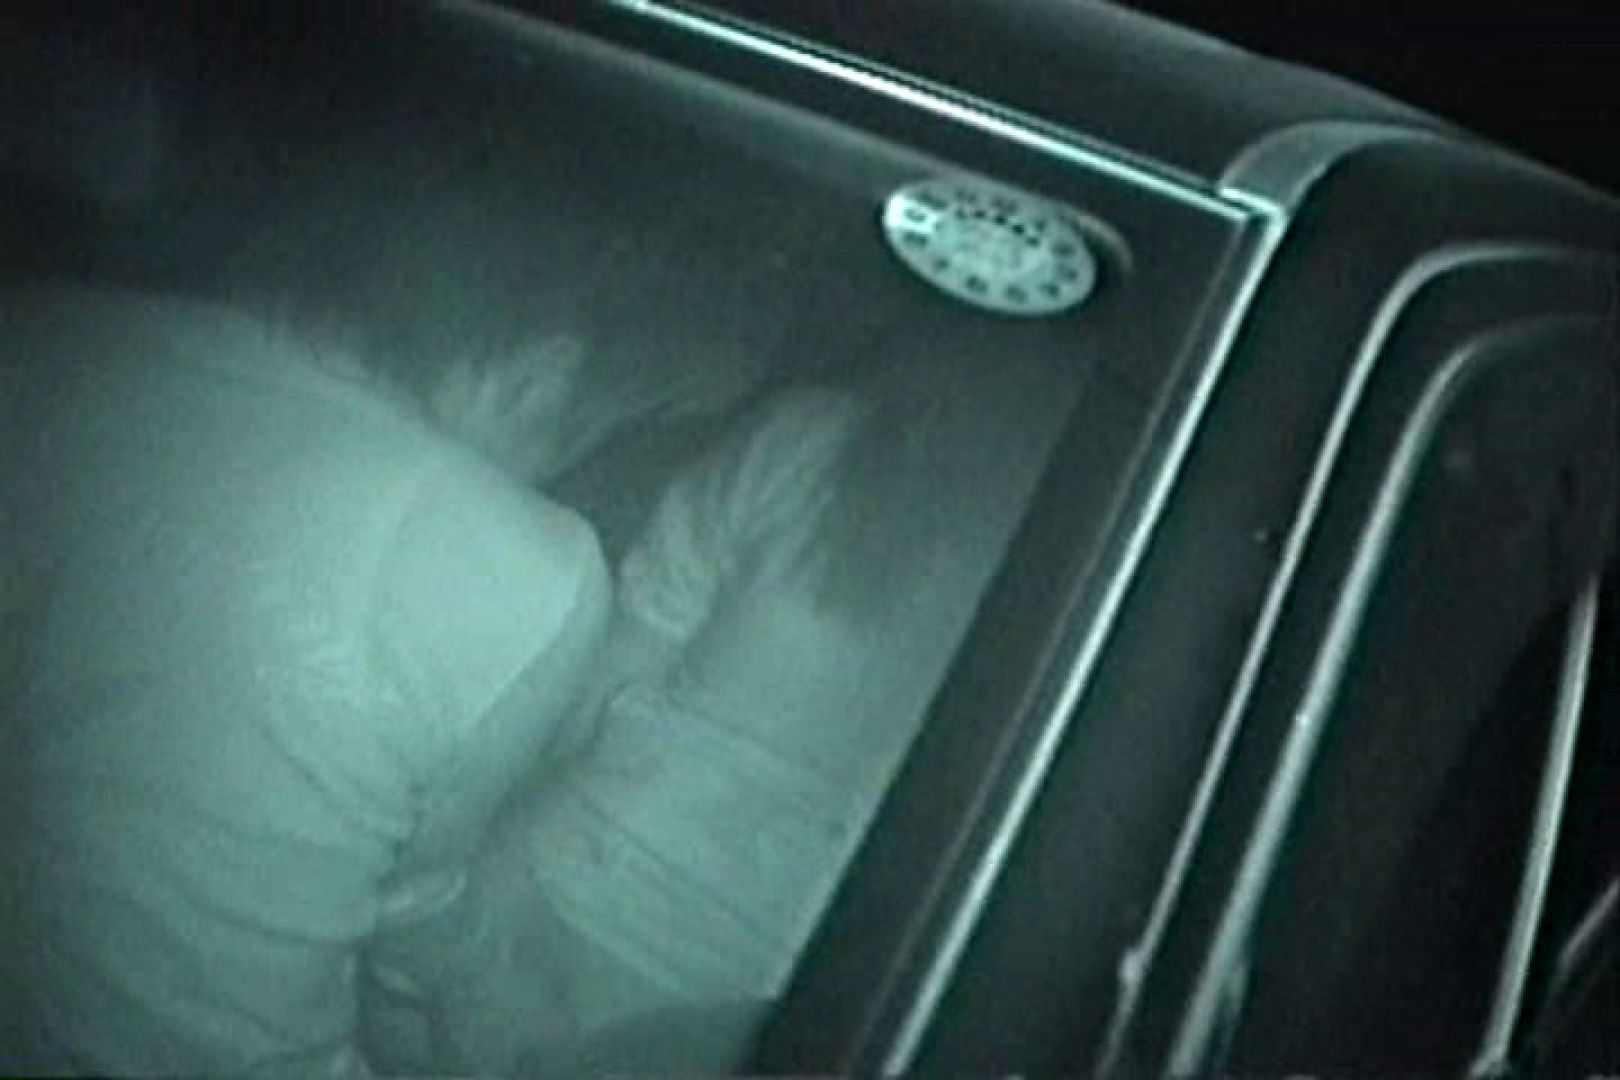 充血監督の深夜の運動会Vol.119 OLの実態 盗み撮りSEX無修正画像 40pic 14